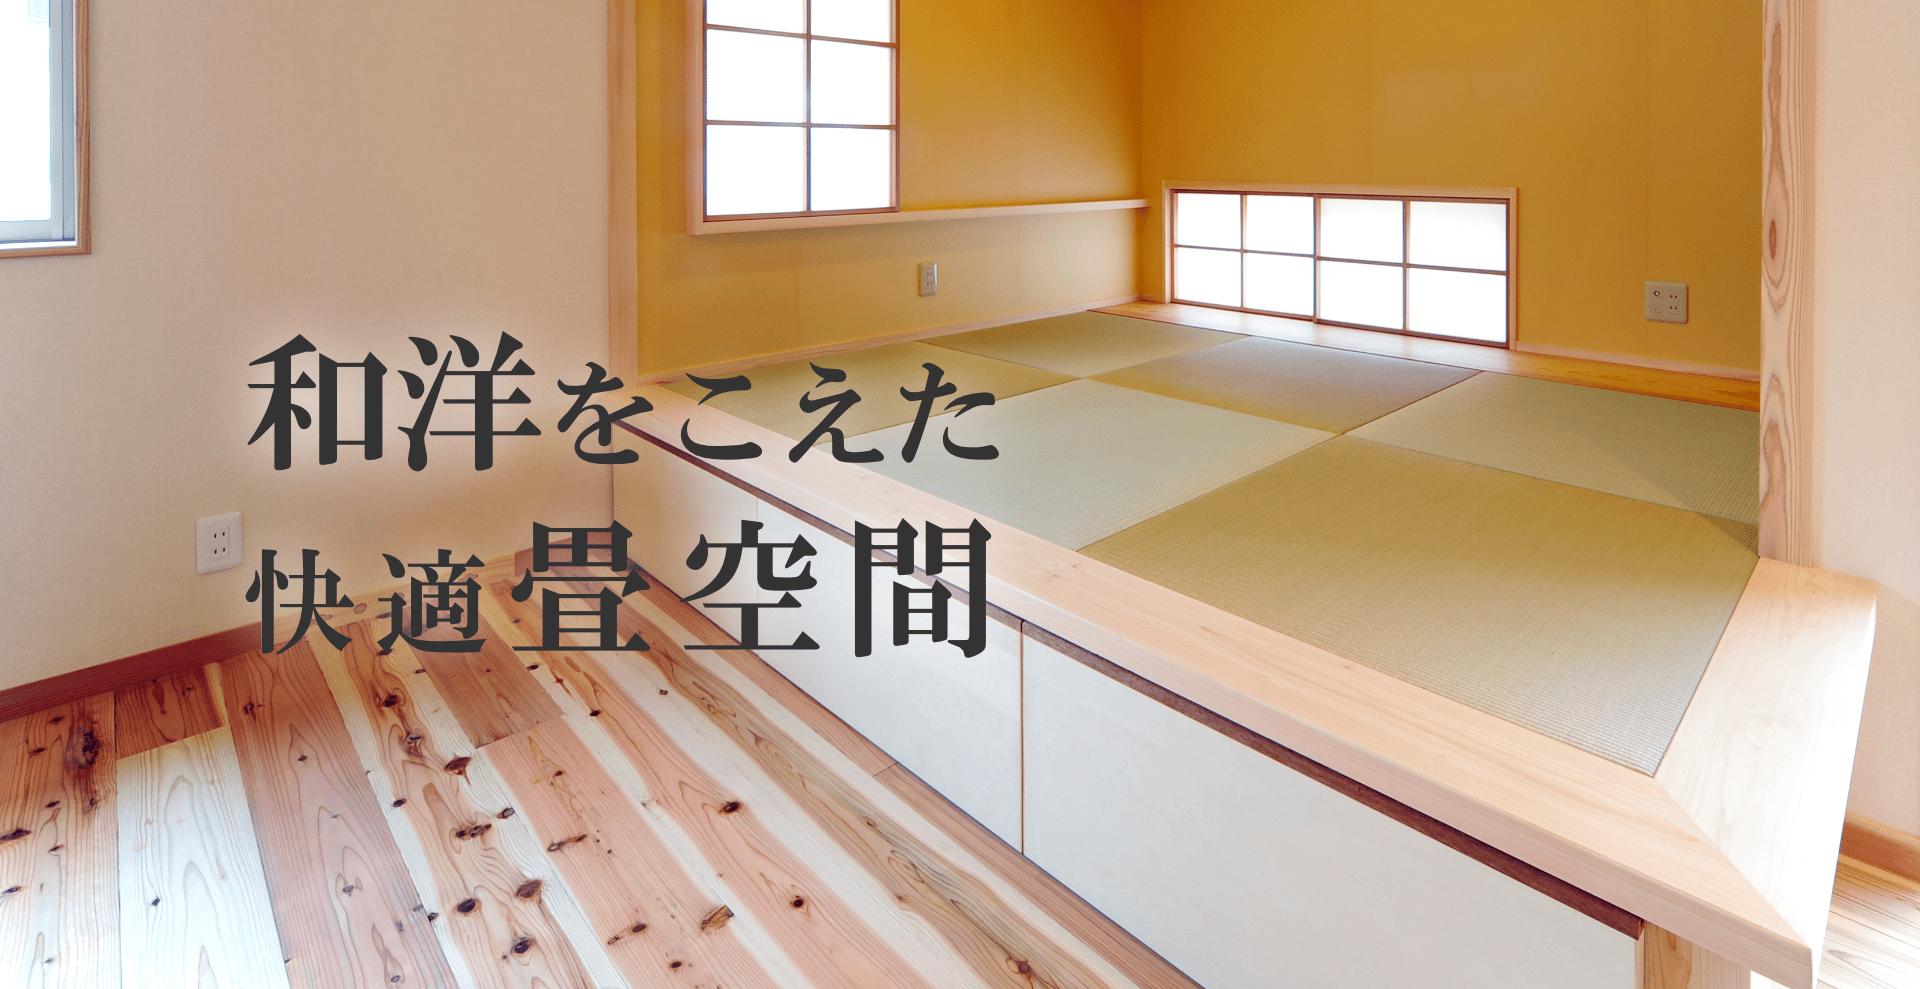 和洋をこえた快適畳空間